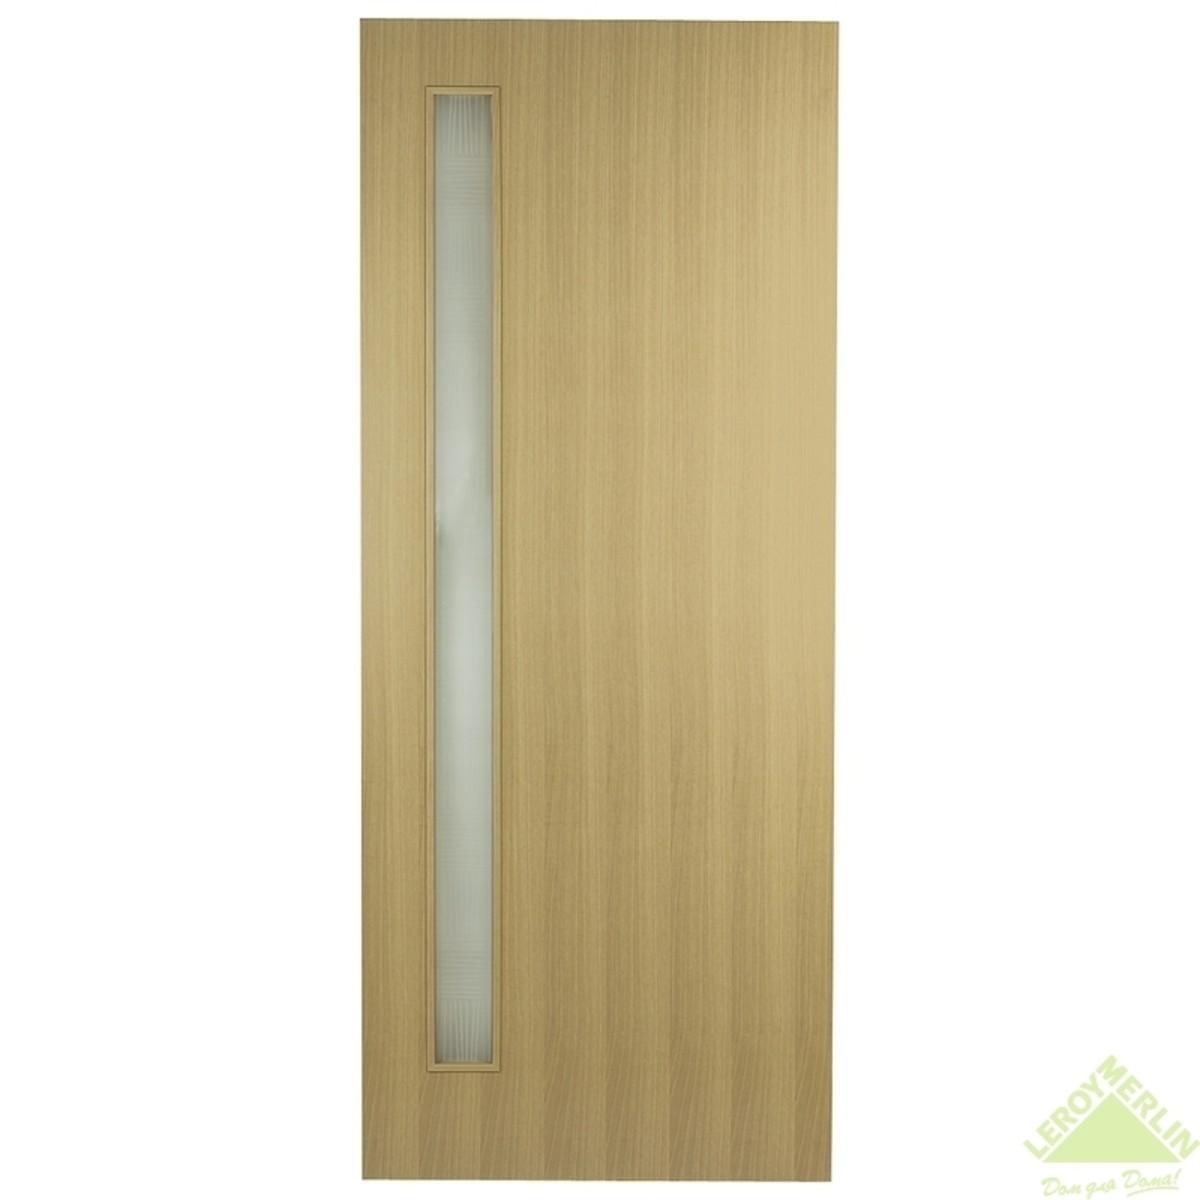 Дверь межкомнатная остеклённая Vario 601 800x2000 мм